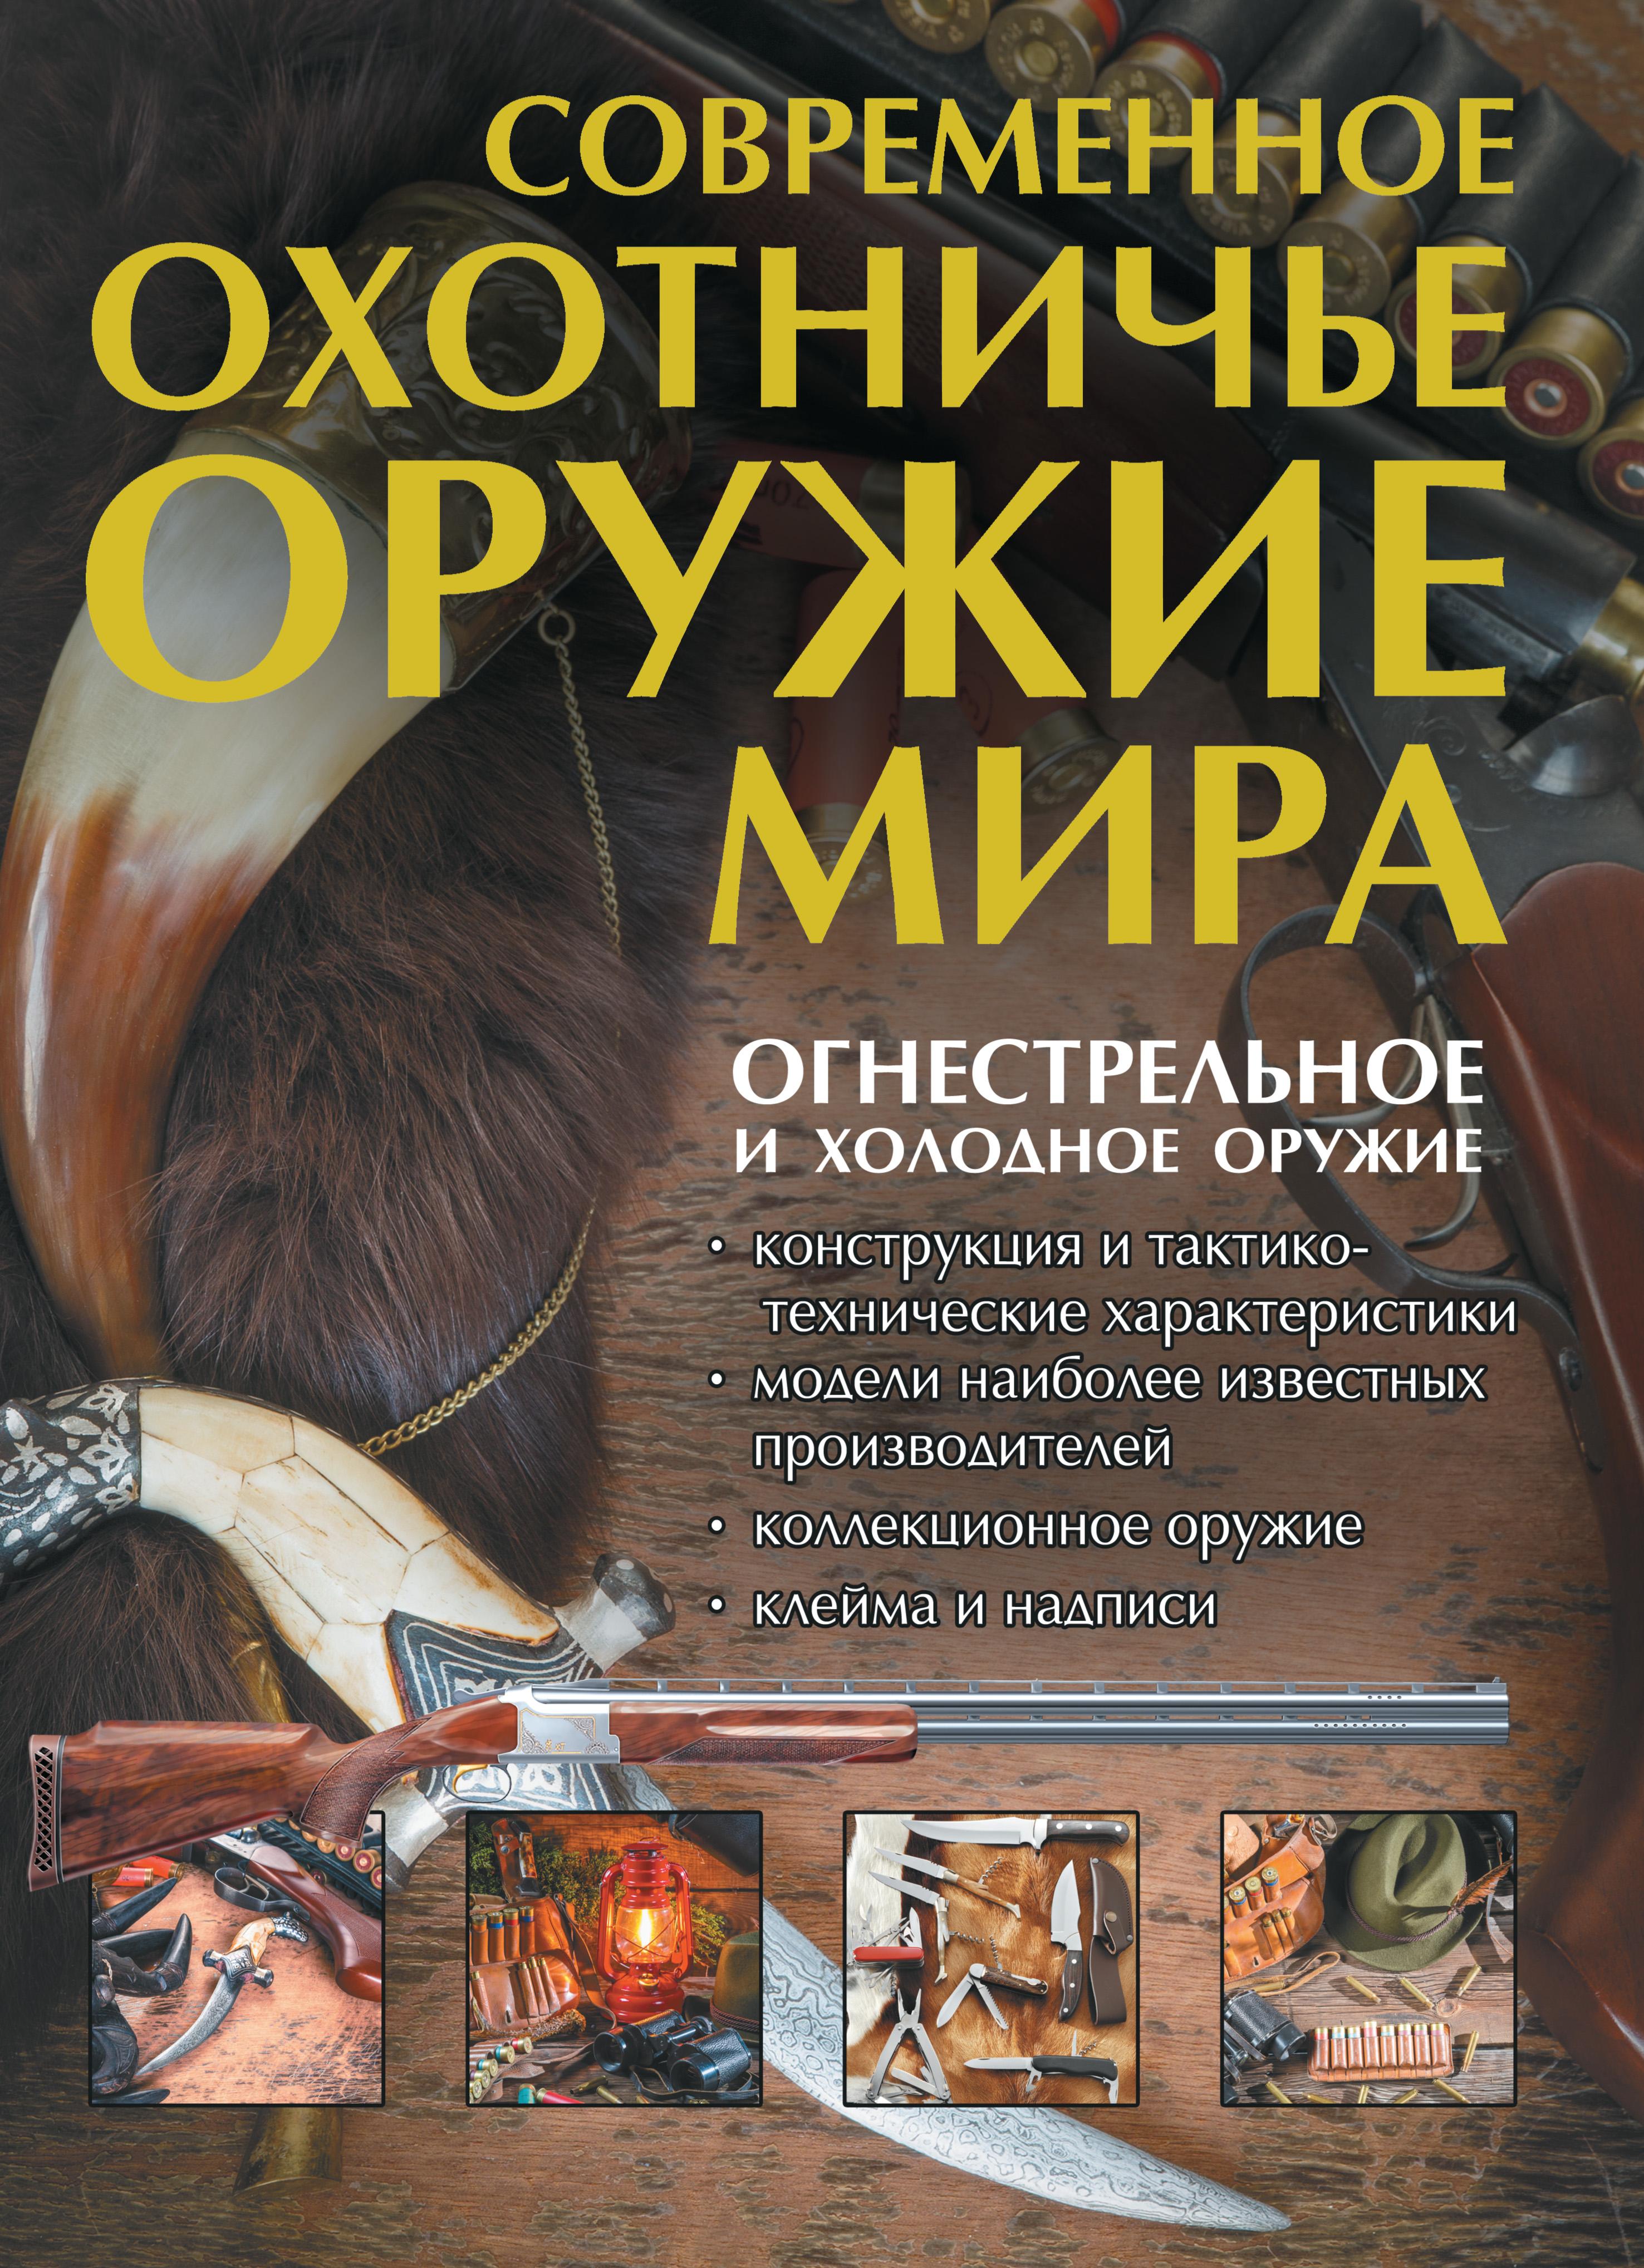 Купить книгу Современное охотничье оружие мира, автора В. Н. Шункова